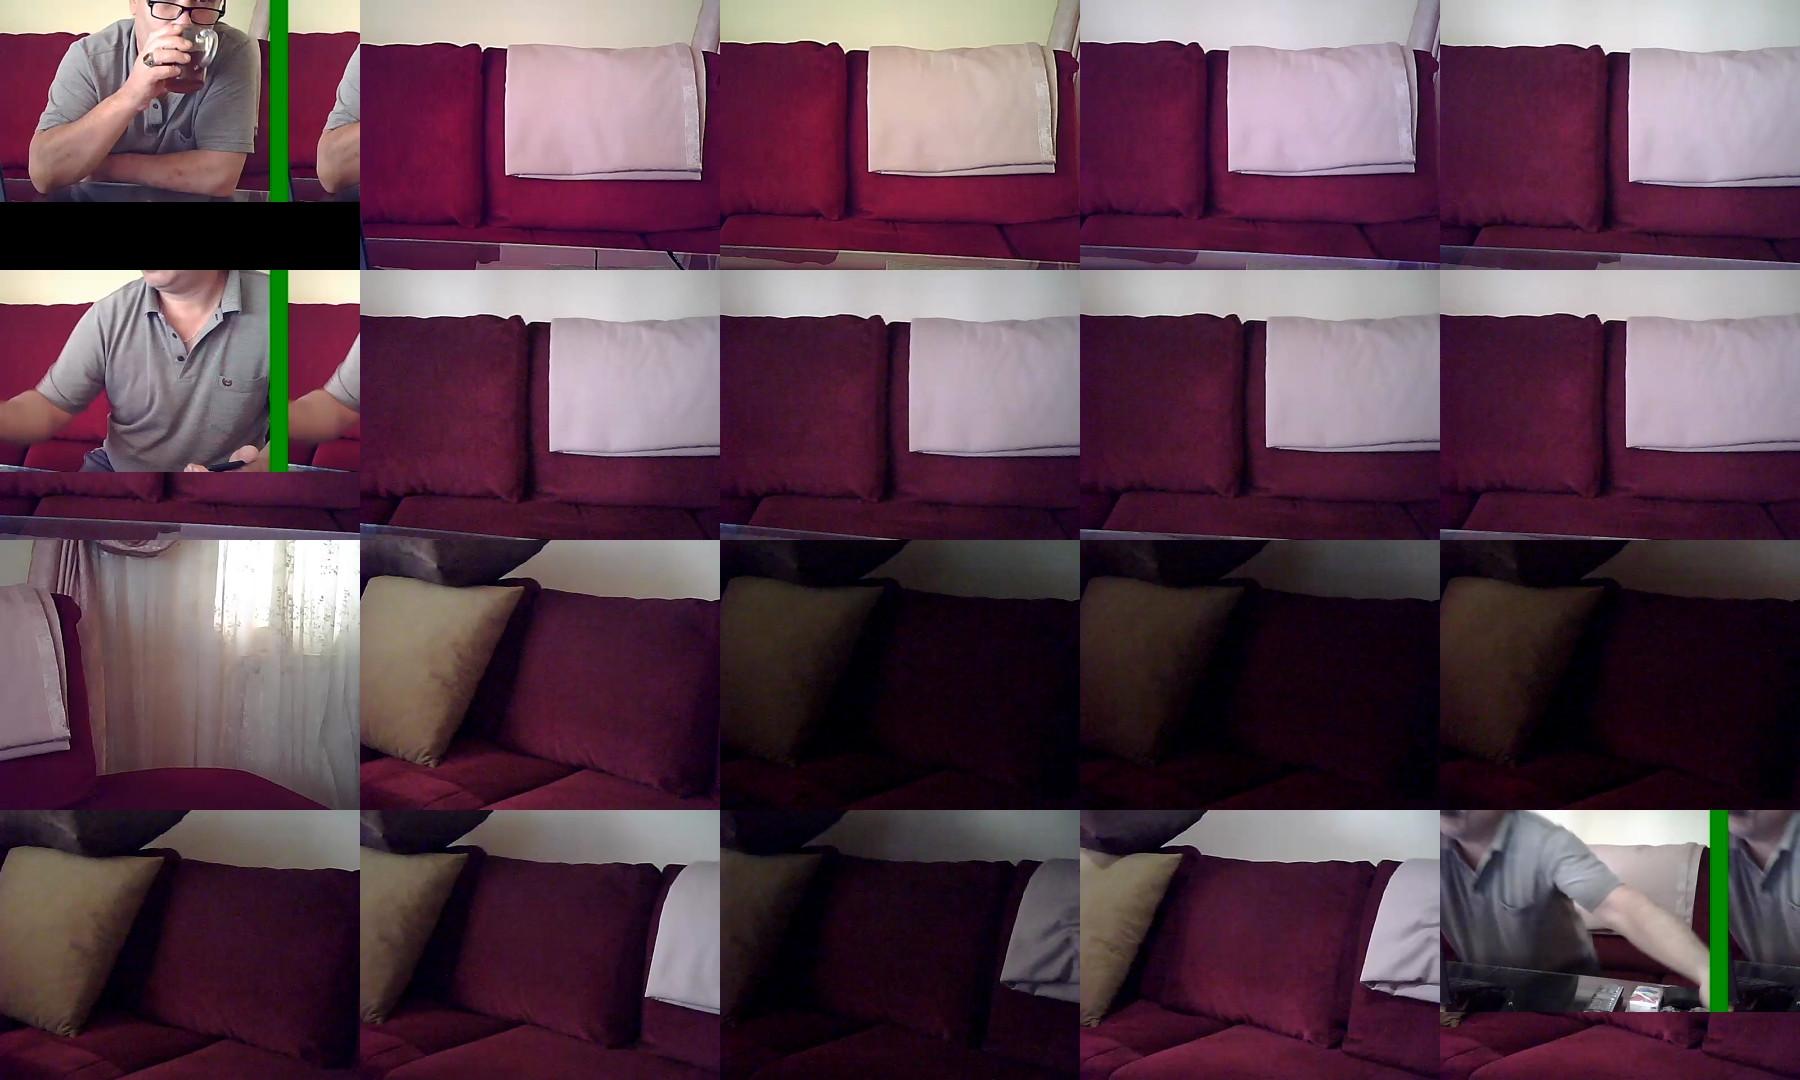 tugratugra06 Cam4 12-06-2021 Recorded Video Show